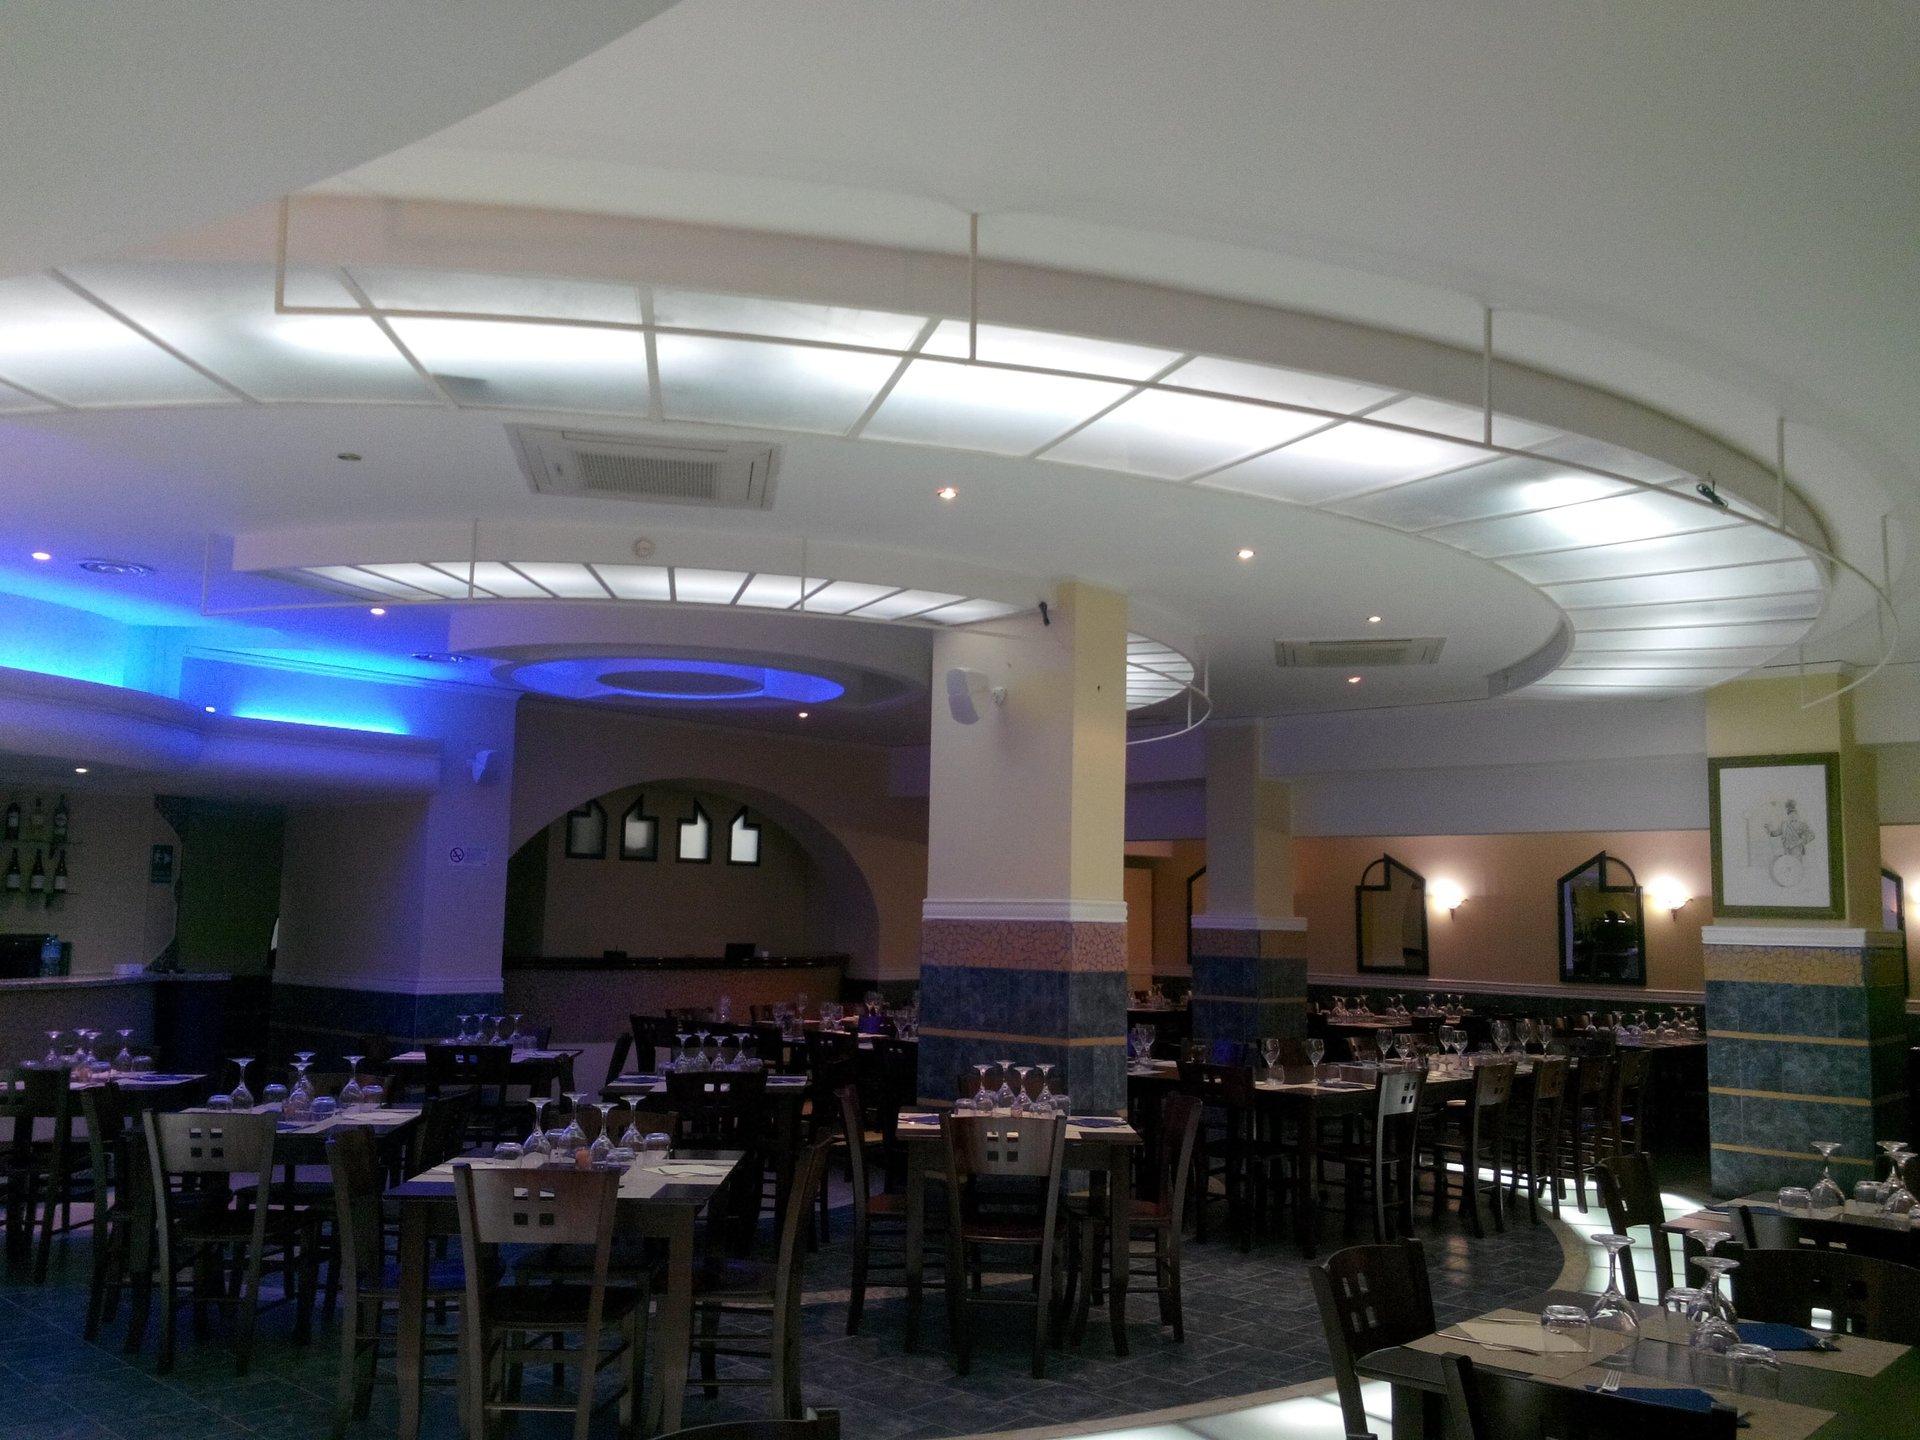 dei tavoli , sedie  e soffitto illuminato in un ristorante